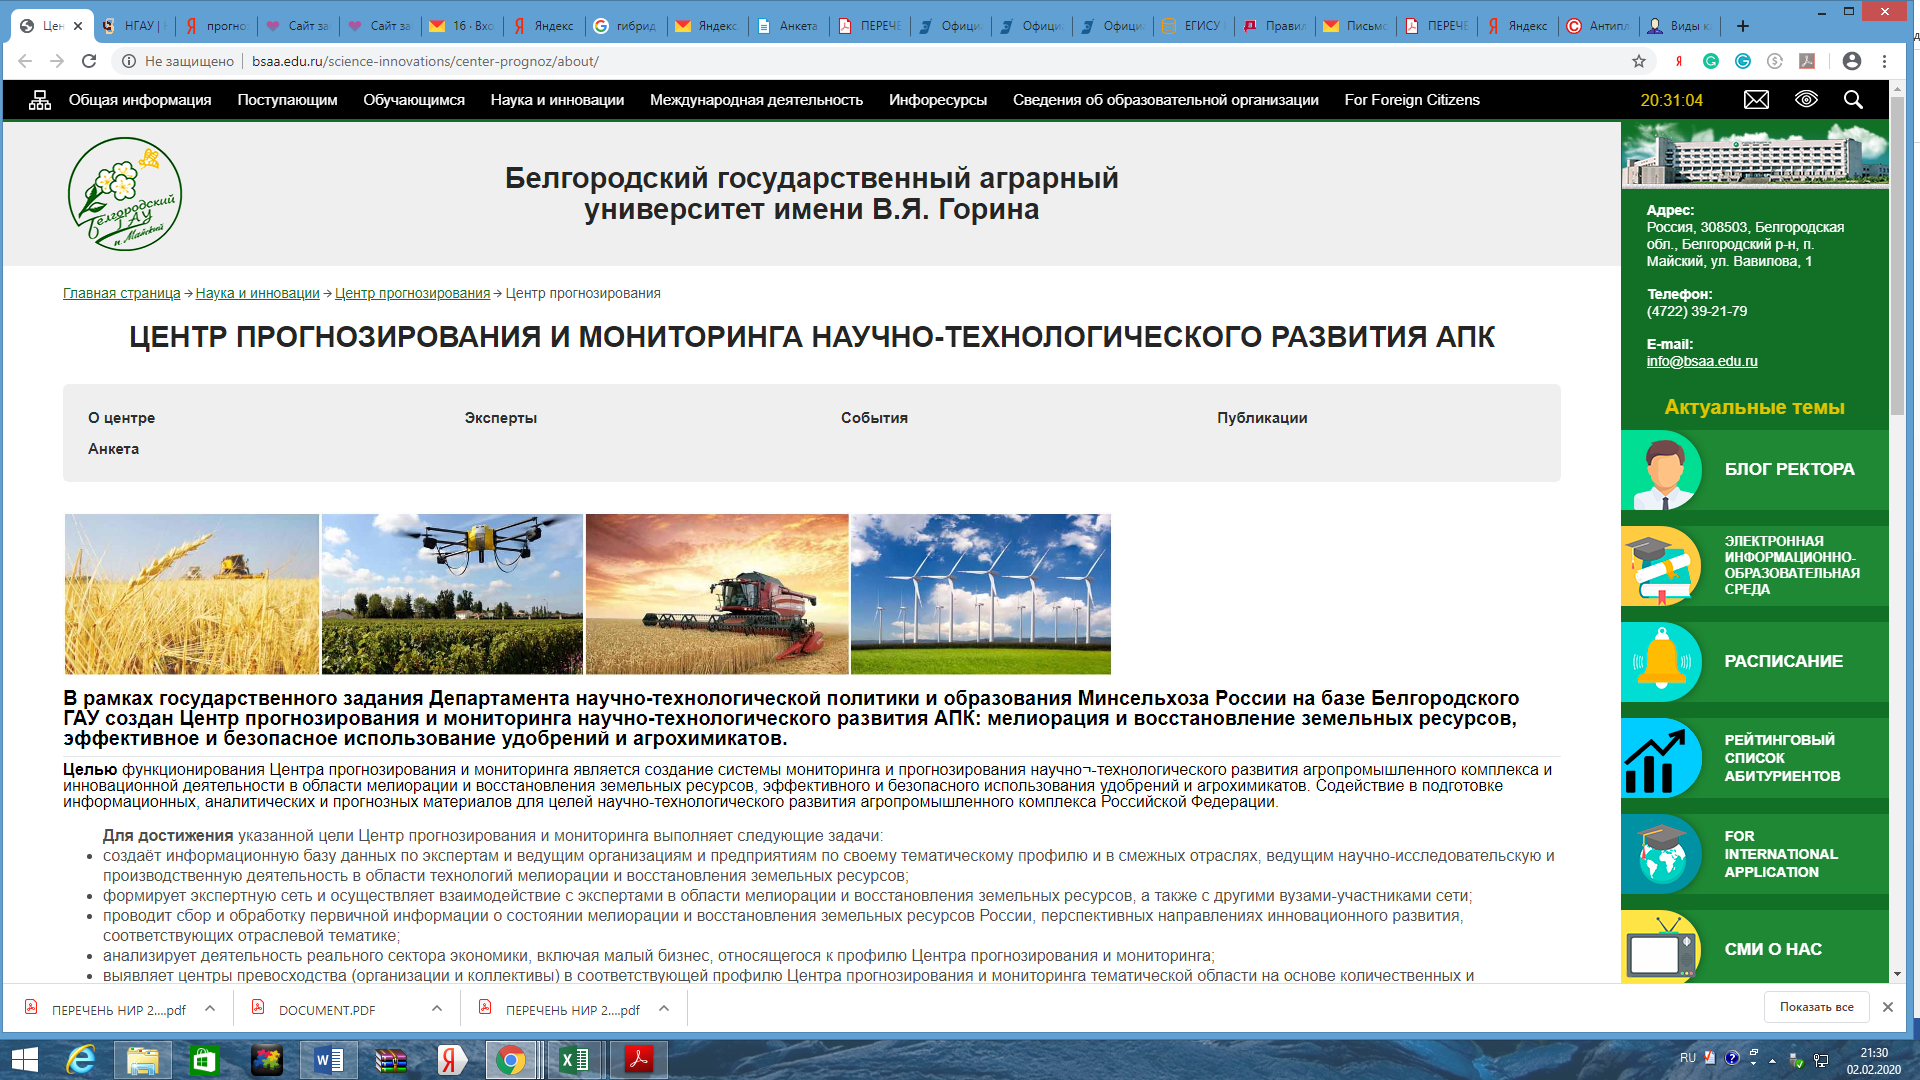 word image 1366 Анализ научно-исследовательских работ, выполняемых высшими учебными заведениями, находящимися в ведении Минсельхоза России, за счет средств федерального бюджета